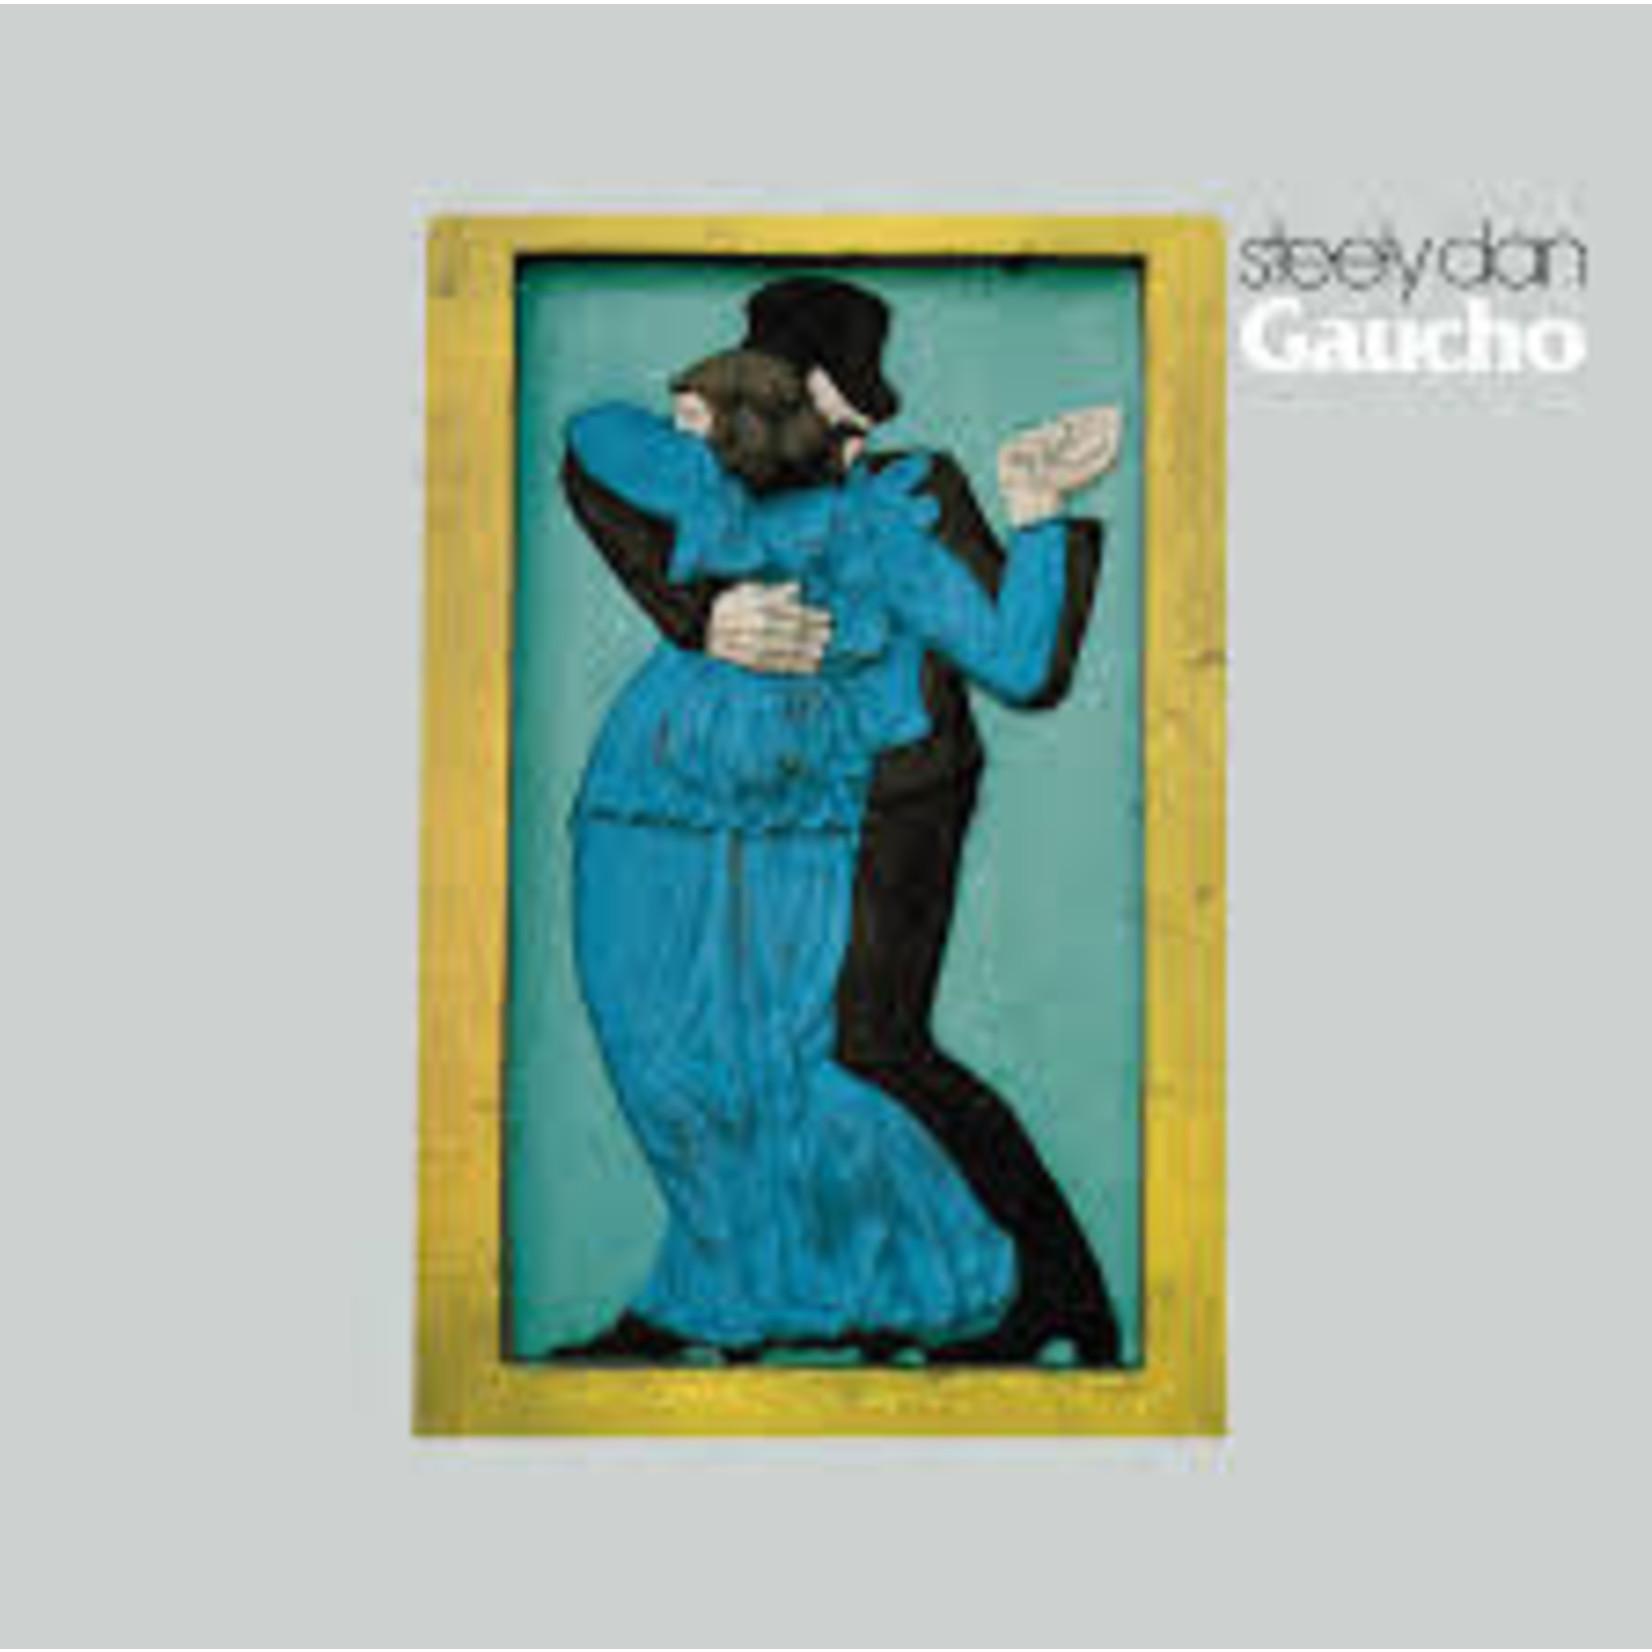 Vinyl Steely Dan - Gaucho